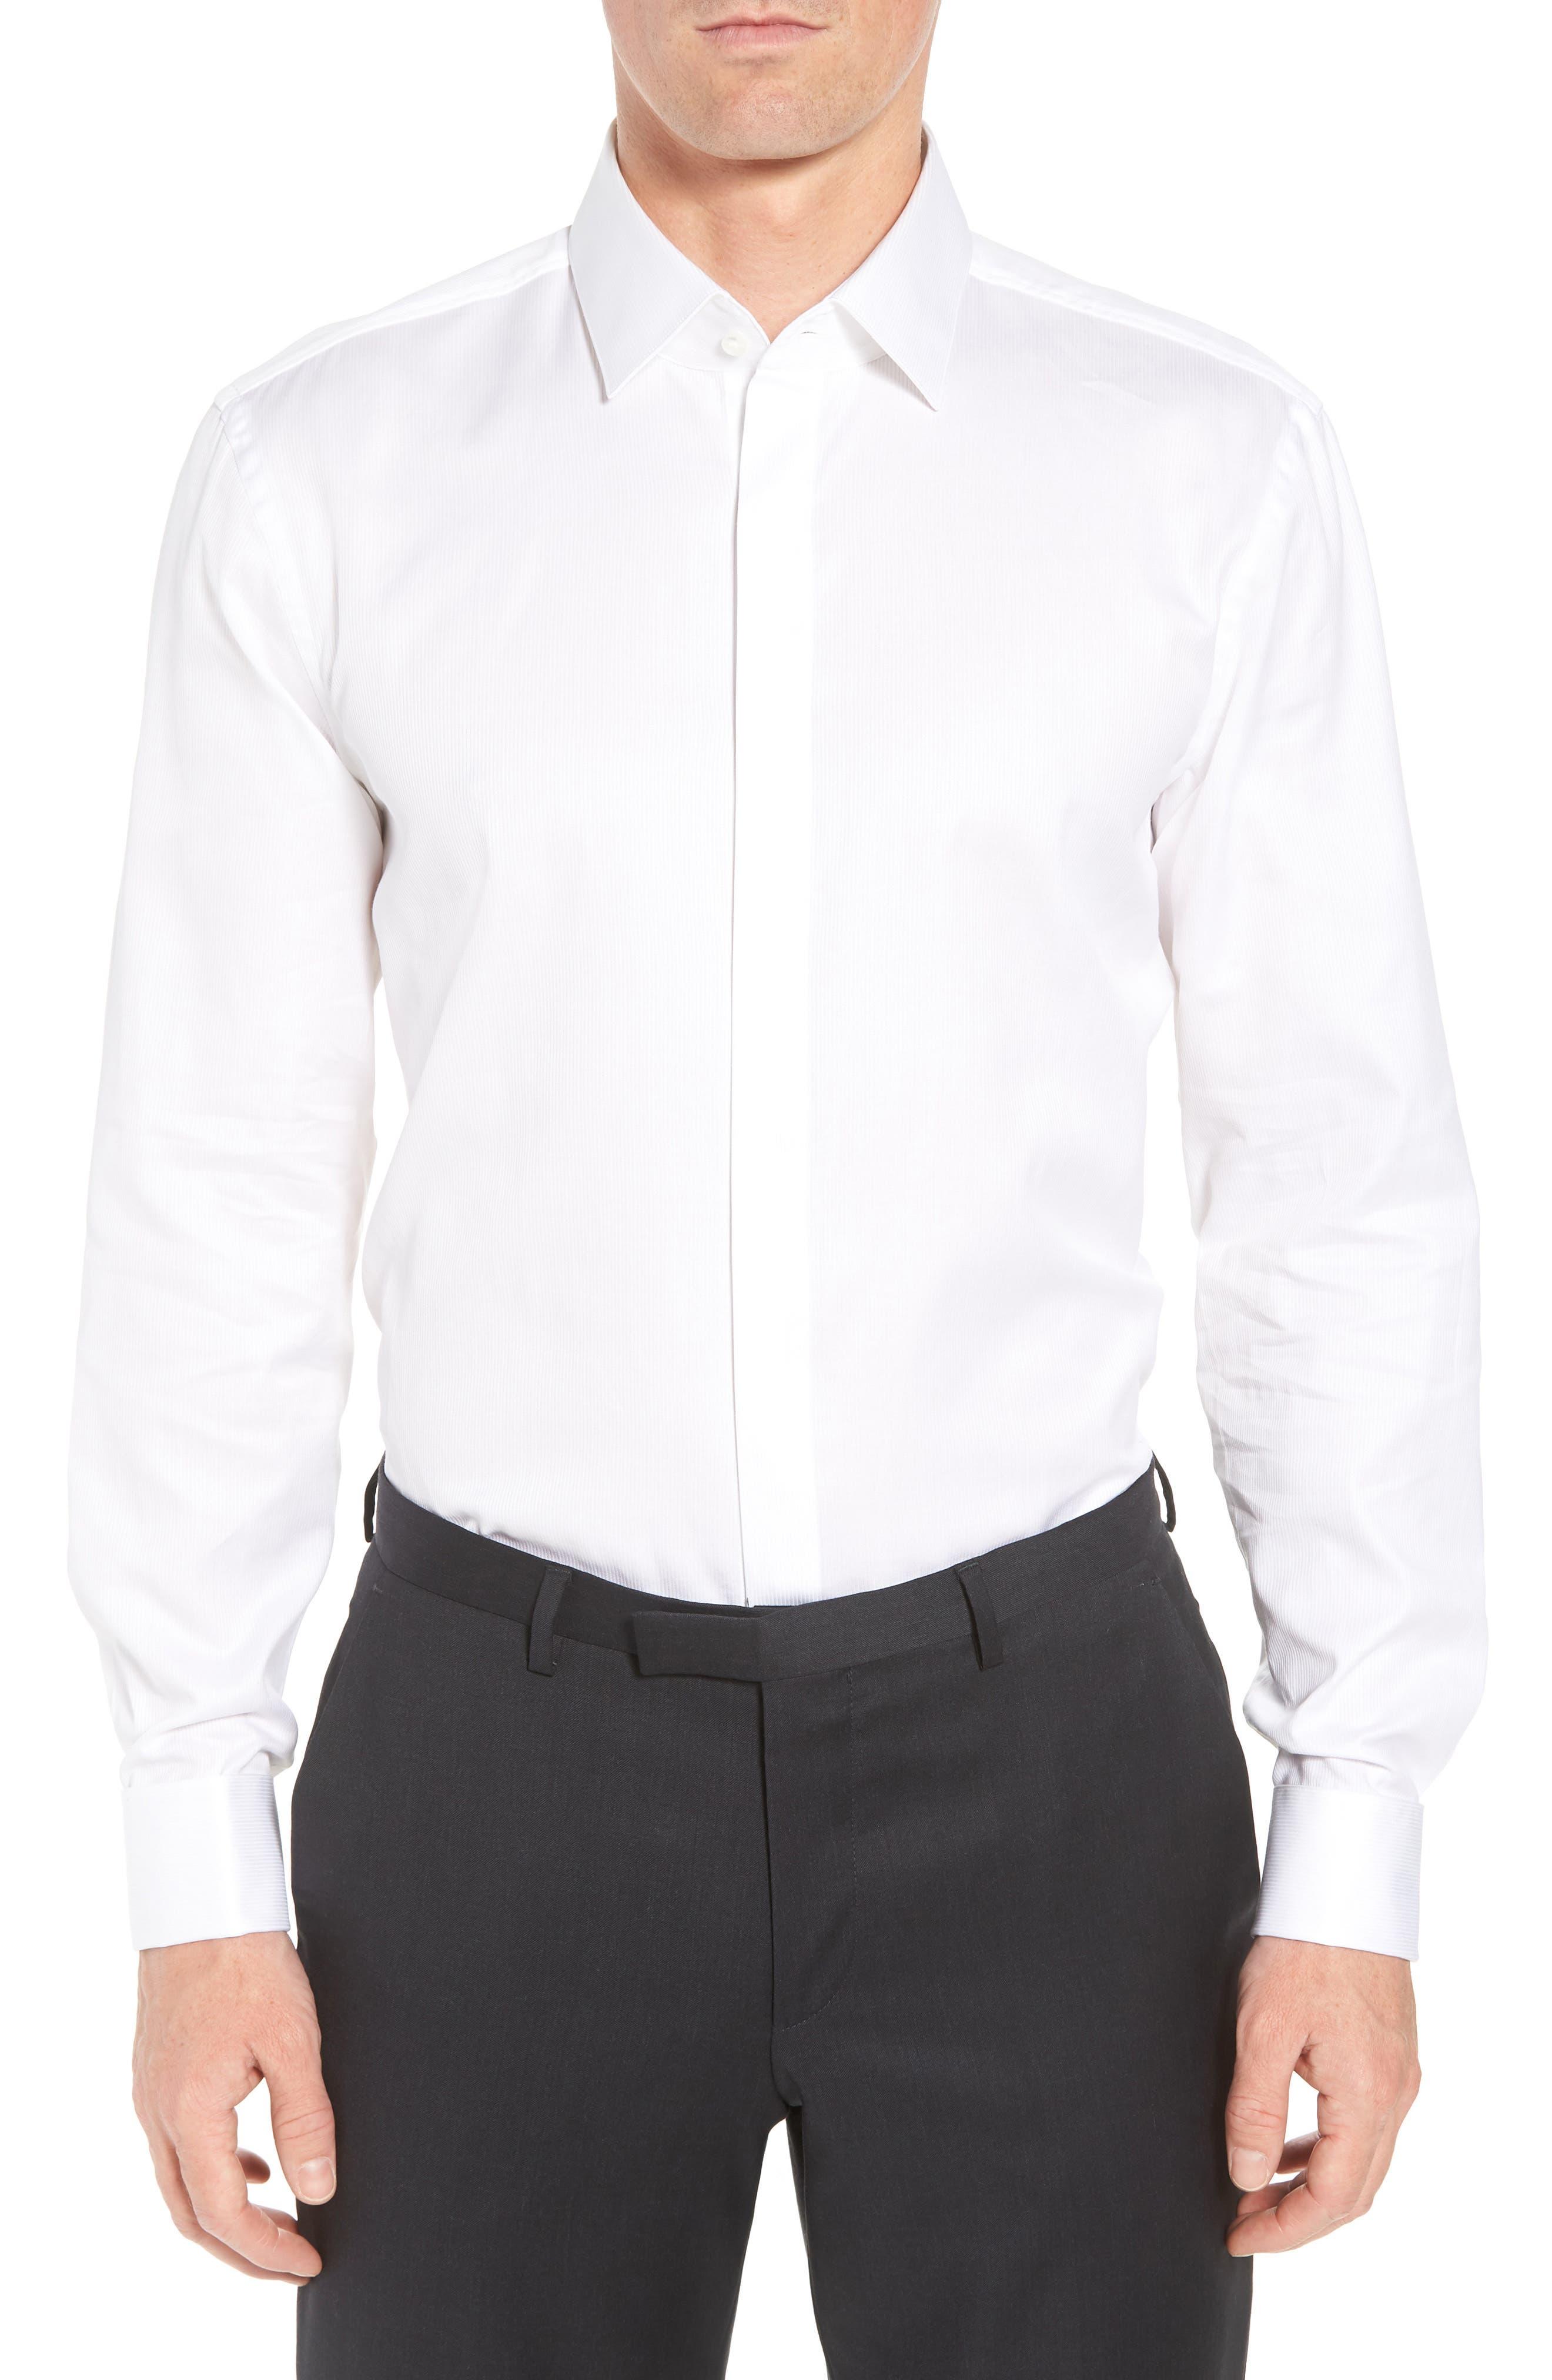 Myron Sharp Fit Tuxedo Shirt,                             Main thumbnail 1, color,                             White